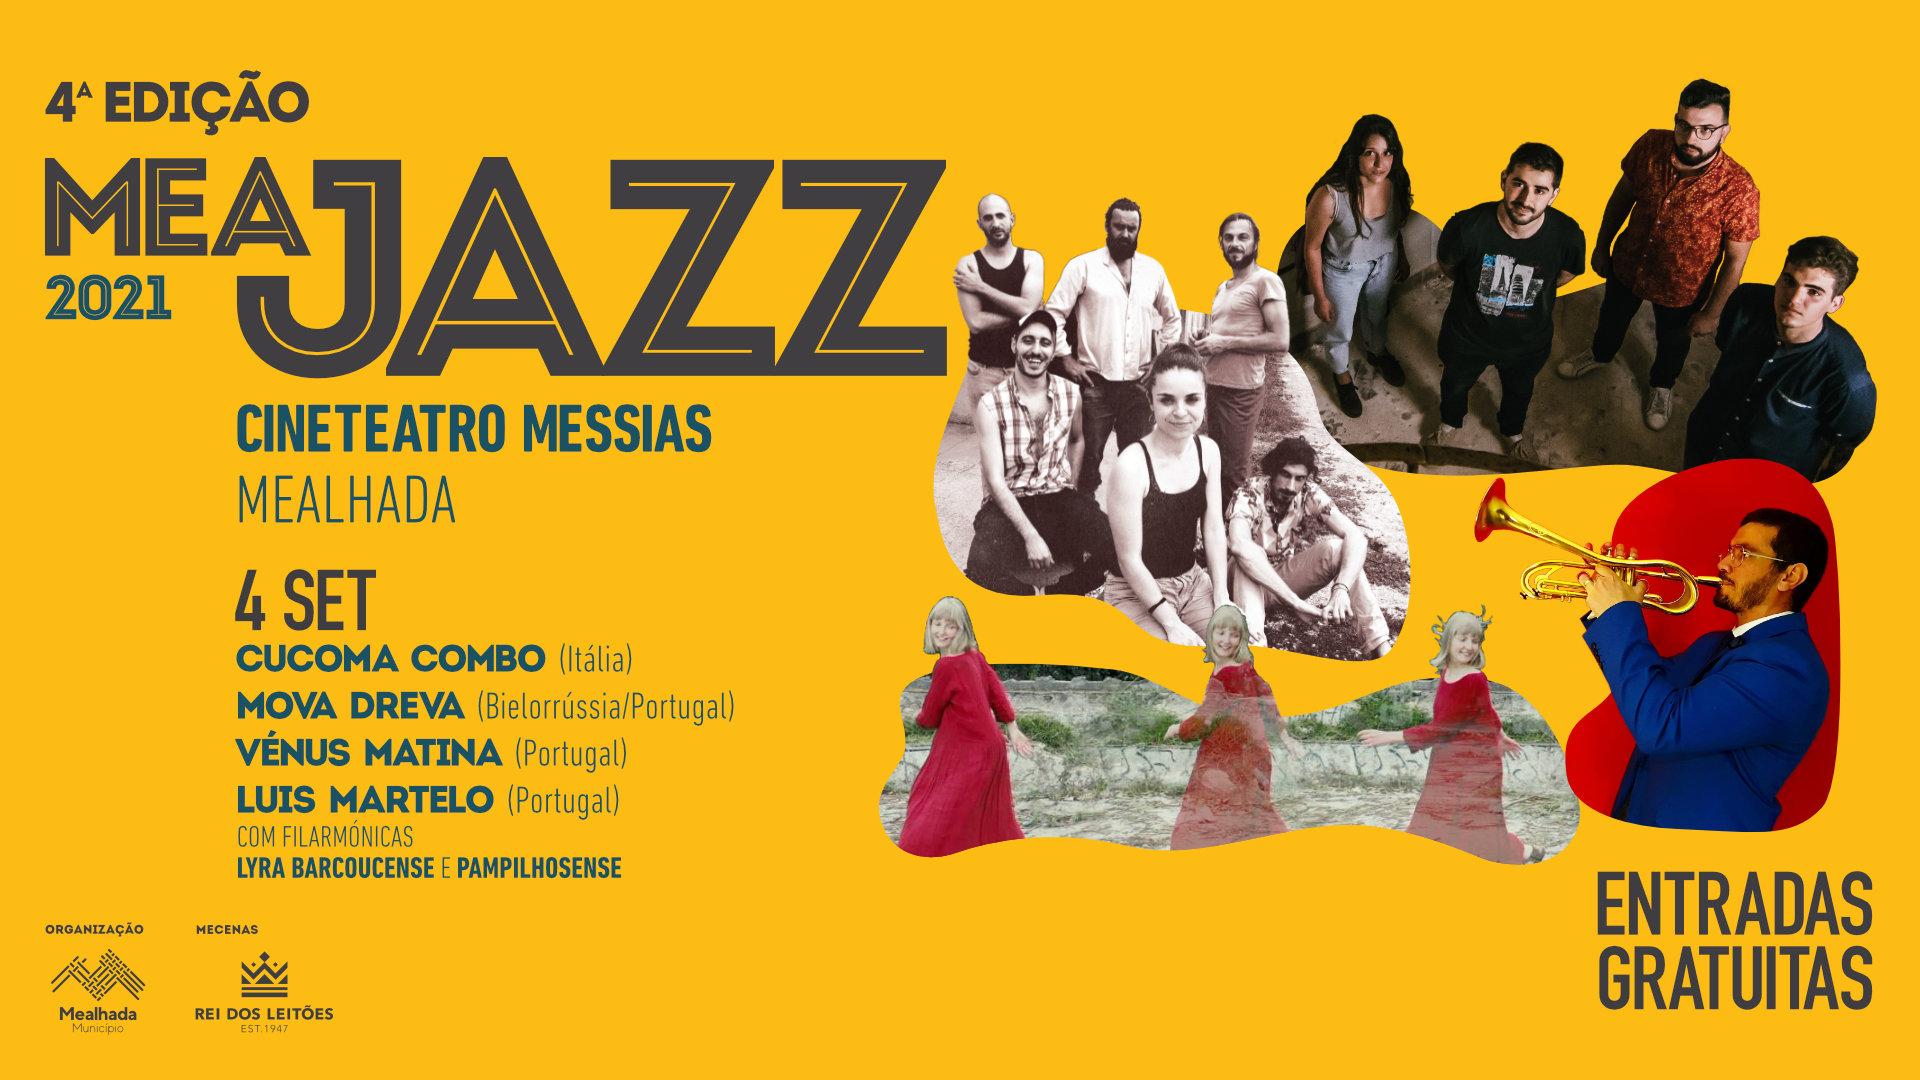 Meajazz - 4.ª edição: Cucoma Combo (Itália)